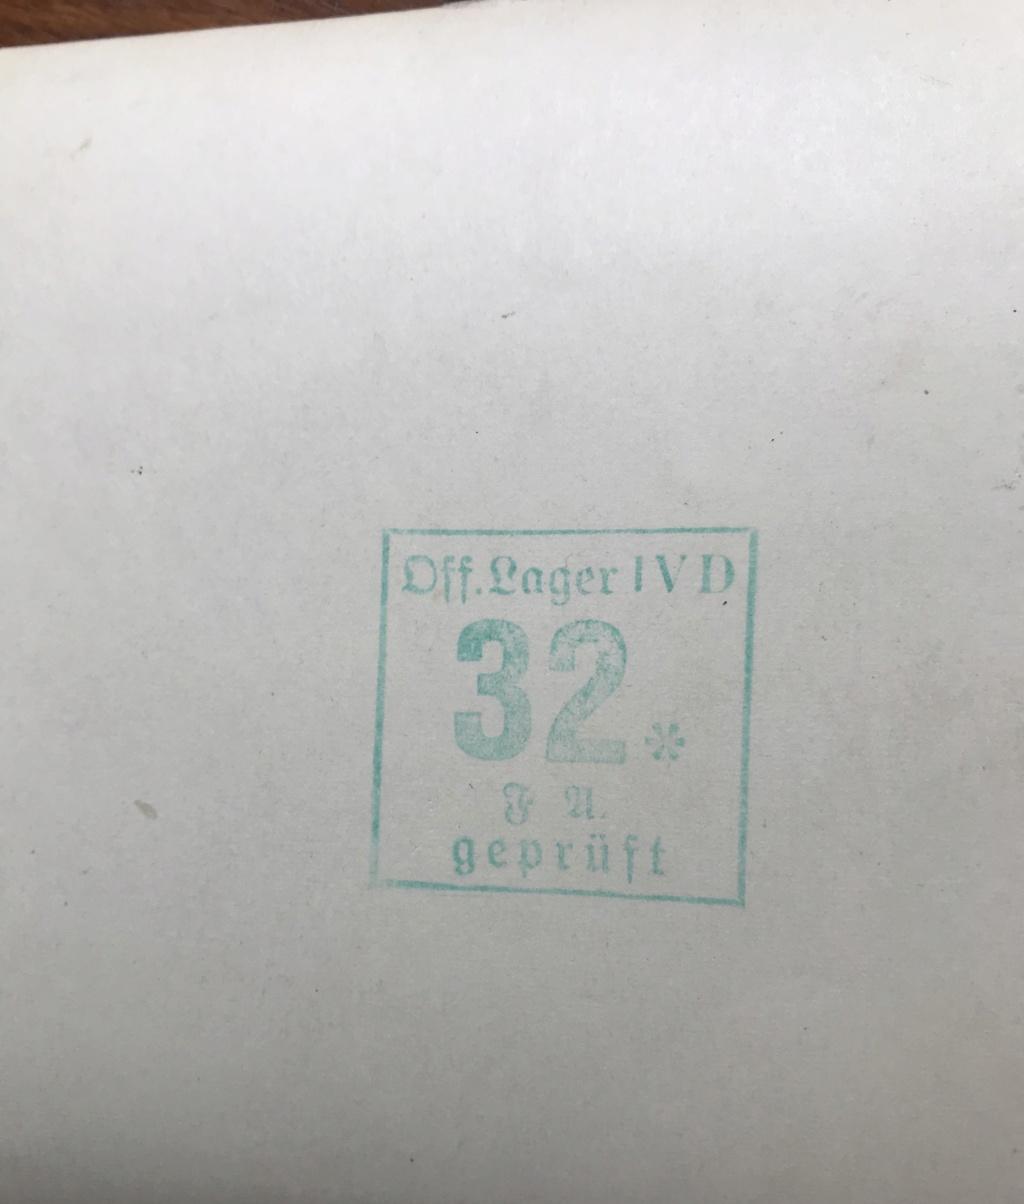 Des papiers indo et ww2 : photo oflag, carte Colmar et indo, journaux DDay. 99554610